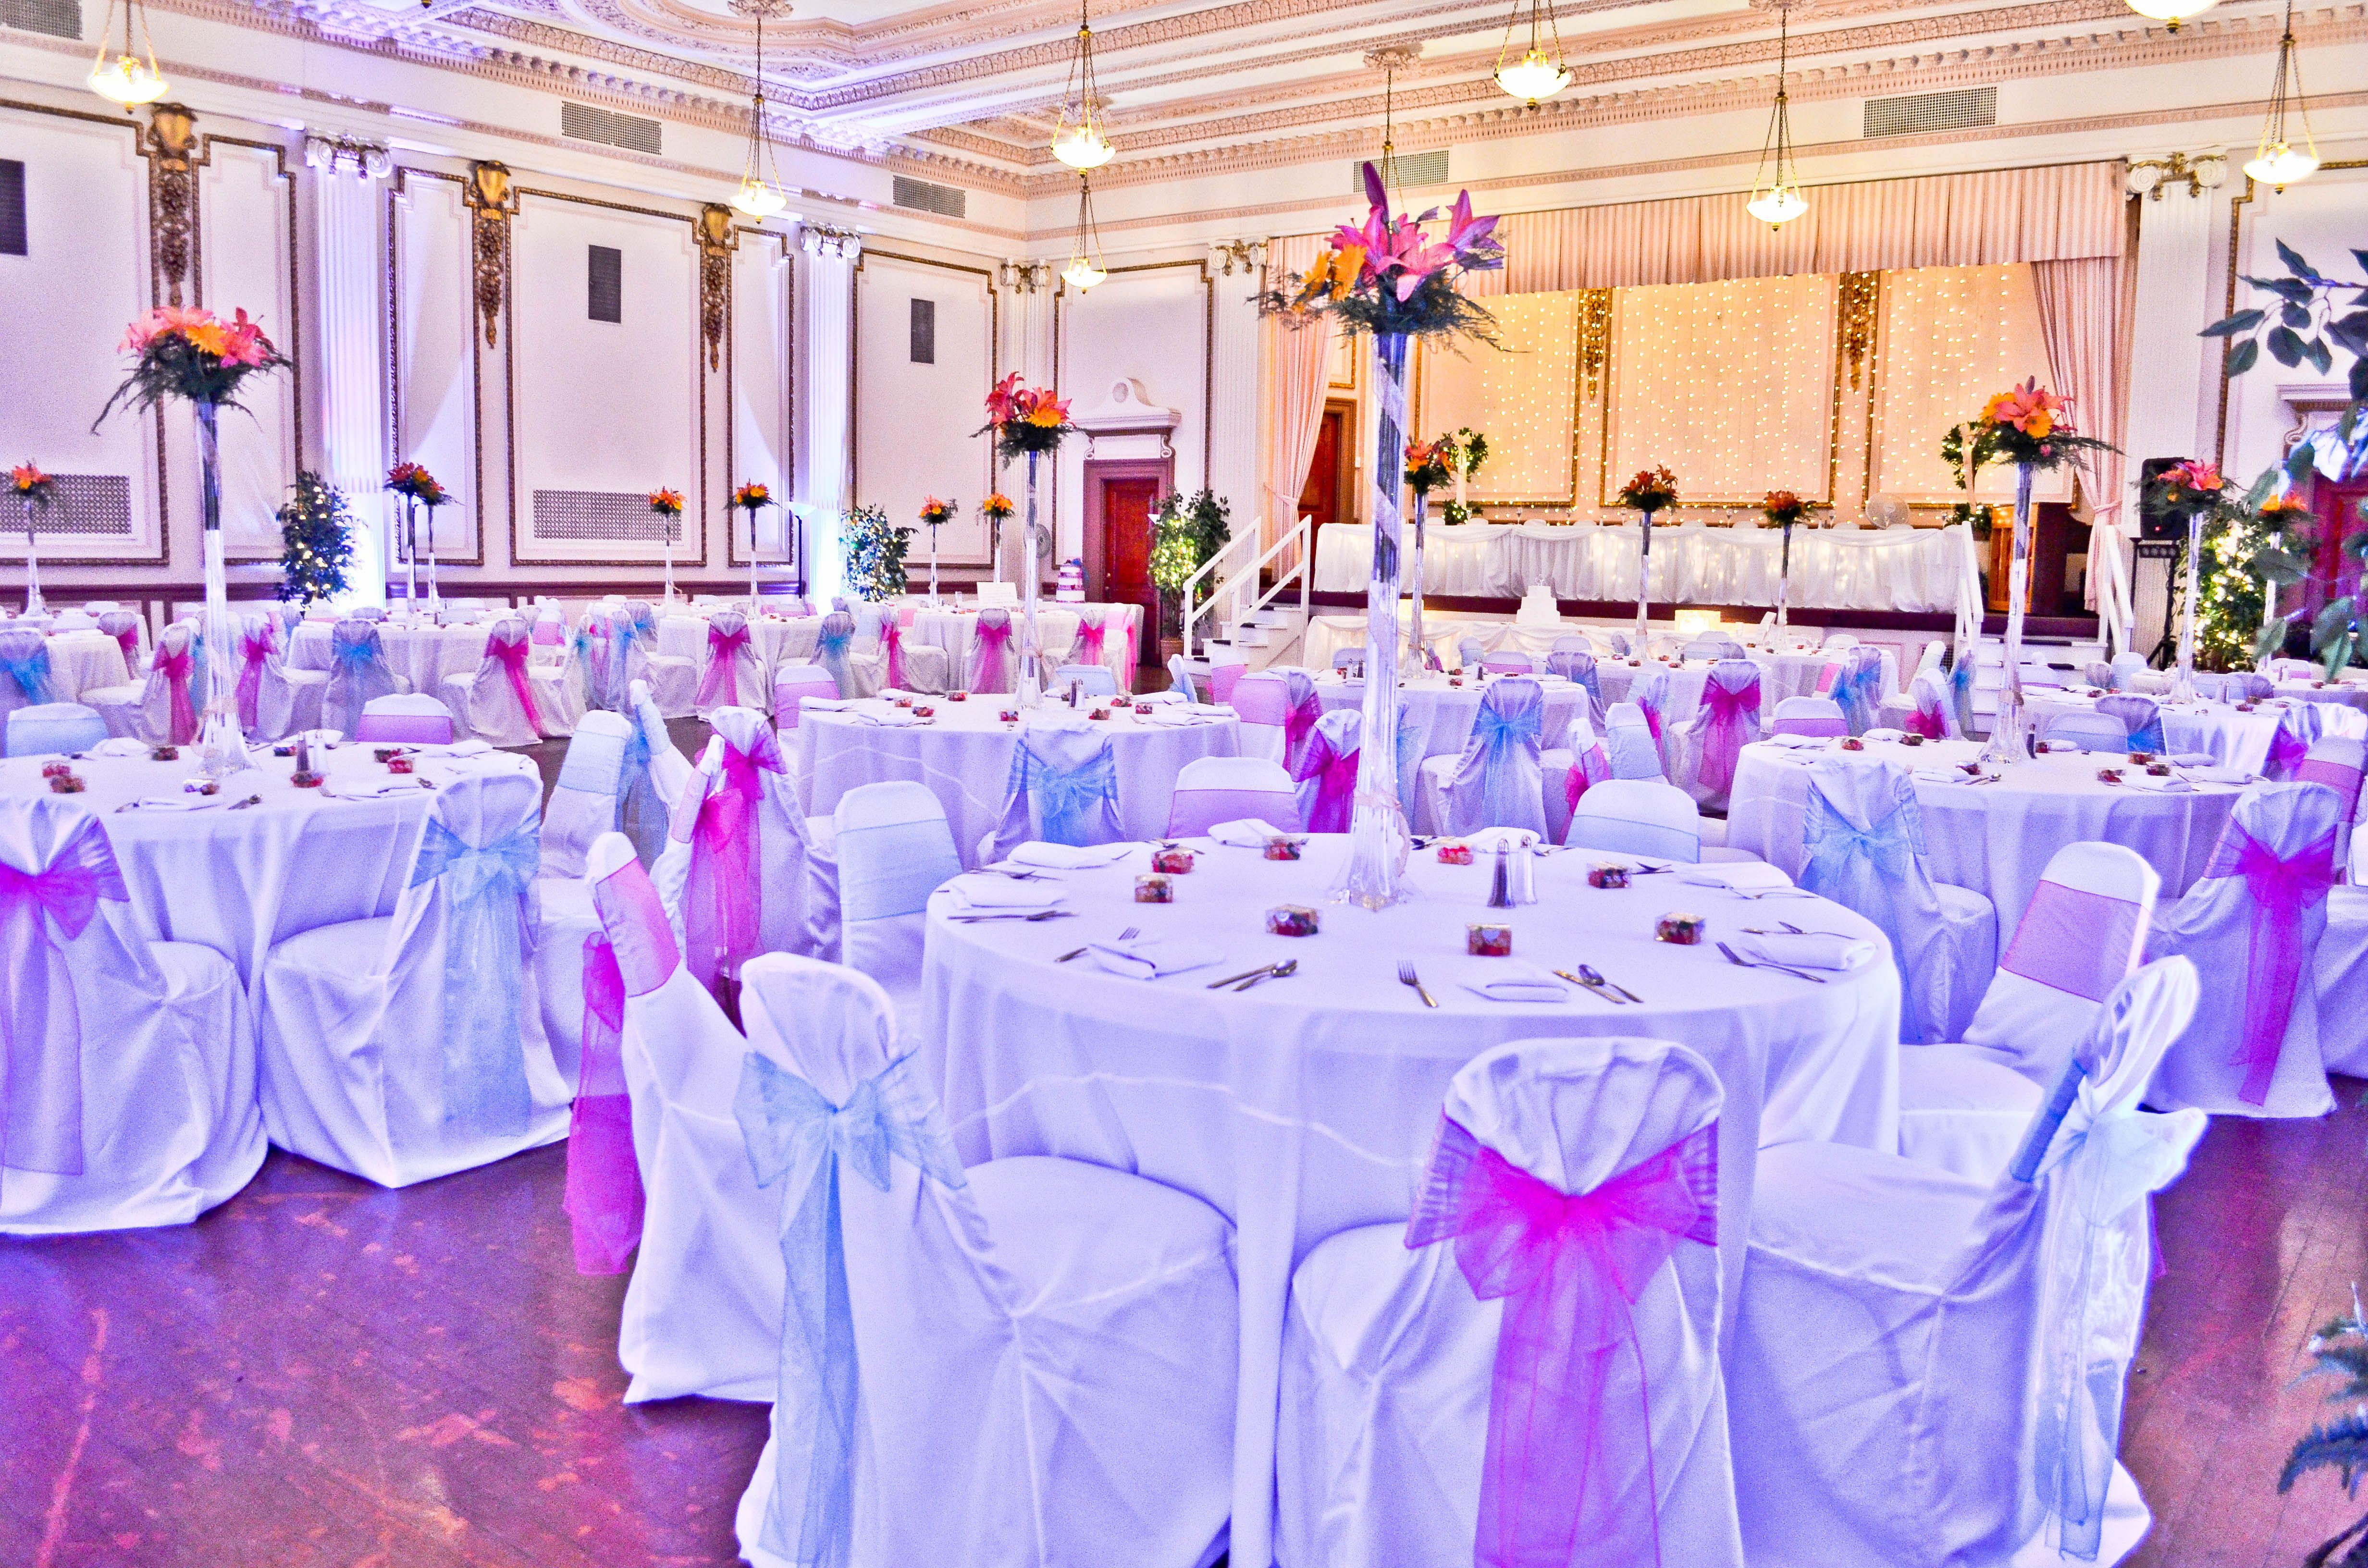 White Banquet Chair Covers Fuchsia & Turquoise Organza Chair